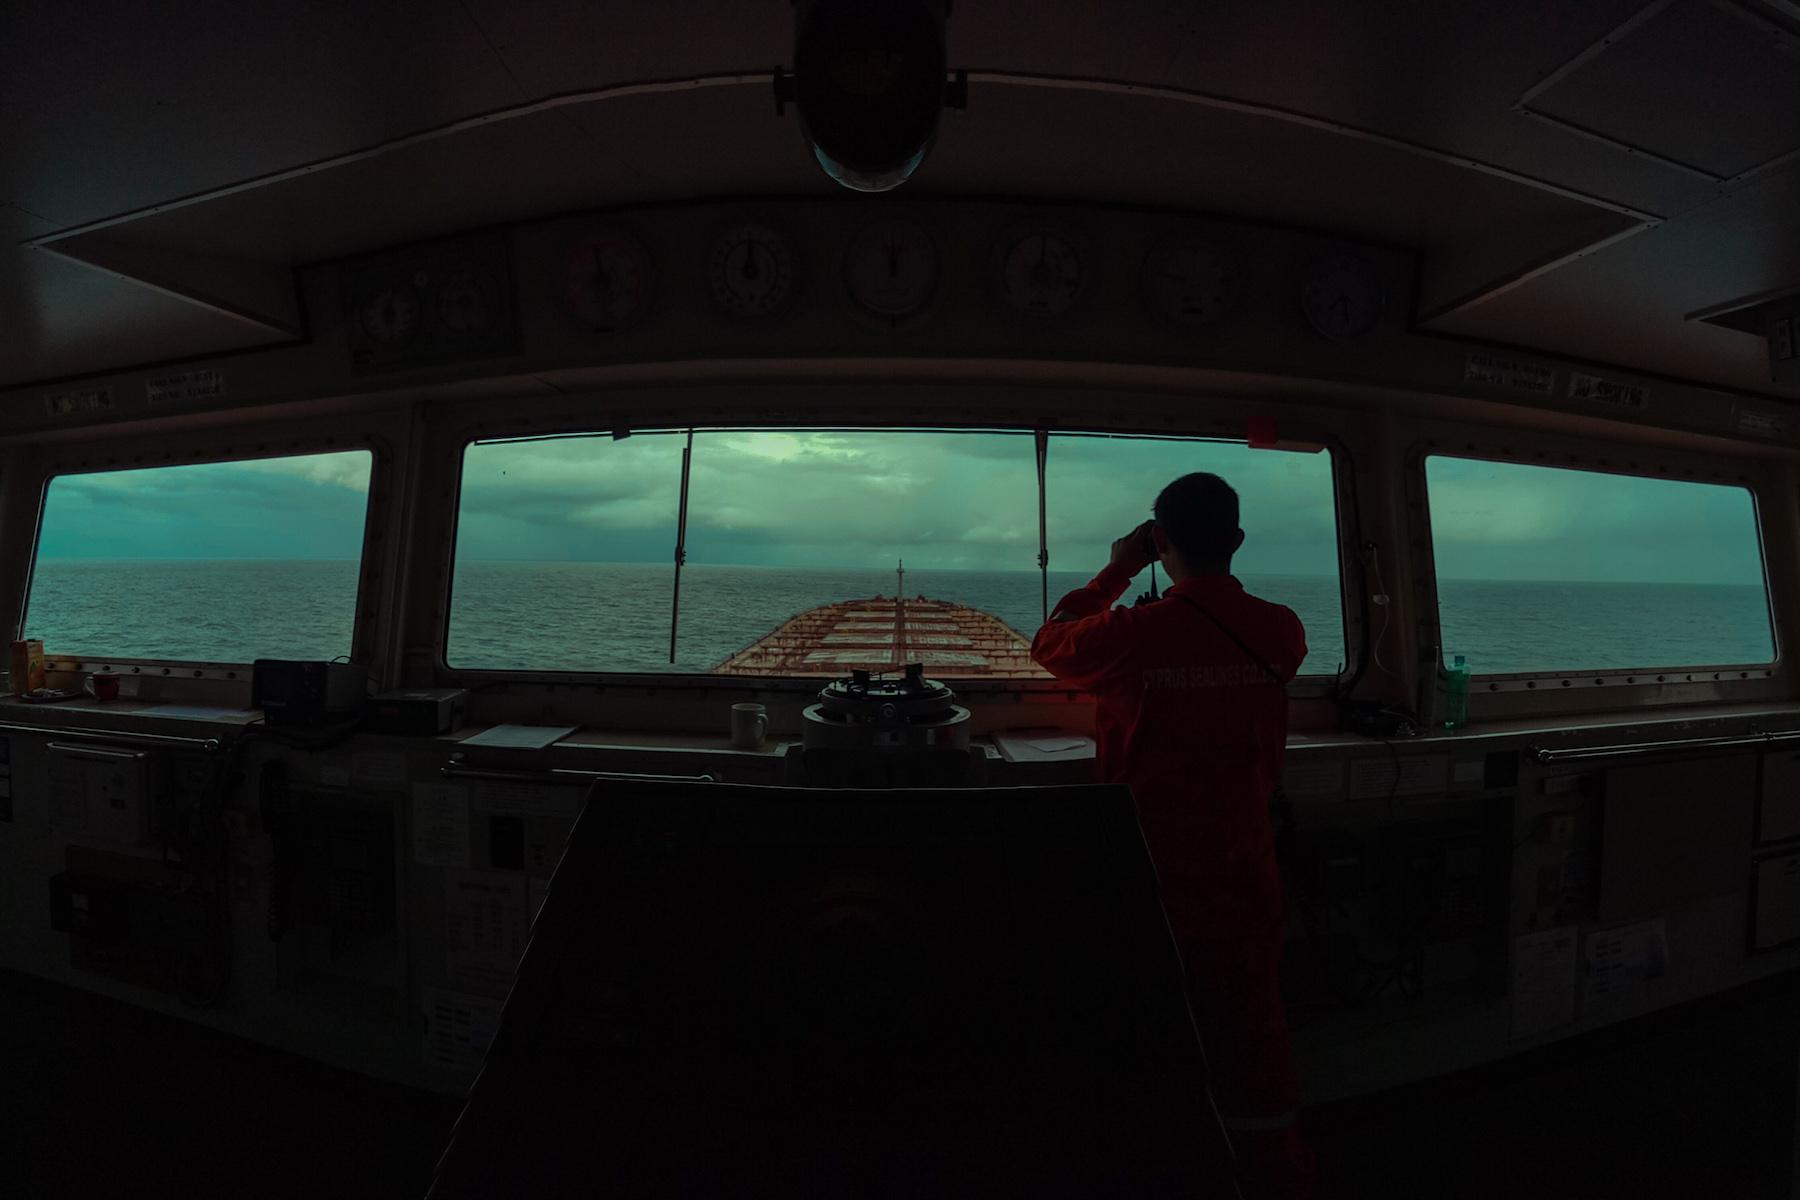 """<p>""""Los marineros siguen navegando y haciendo que el mundo siga en movimiento. Las fronteras y los puertos están cerrados, pero los mares están abiertos. La vigilancia de Kenneth continúa"""".</p> <p>Fecha de la fotografía: N/A</p> <p>Ubicación:N/A</p> <p>Nombre del buque: MV Parker.</p> <p>Nombre del marinero: Kenneth Guilaran.</p>"""